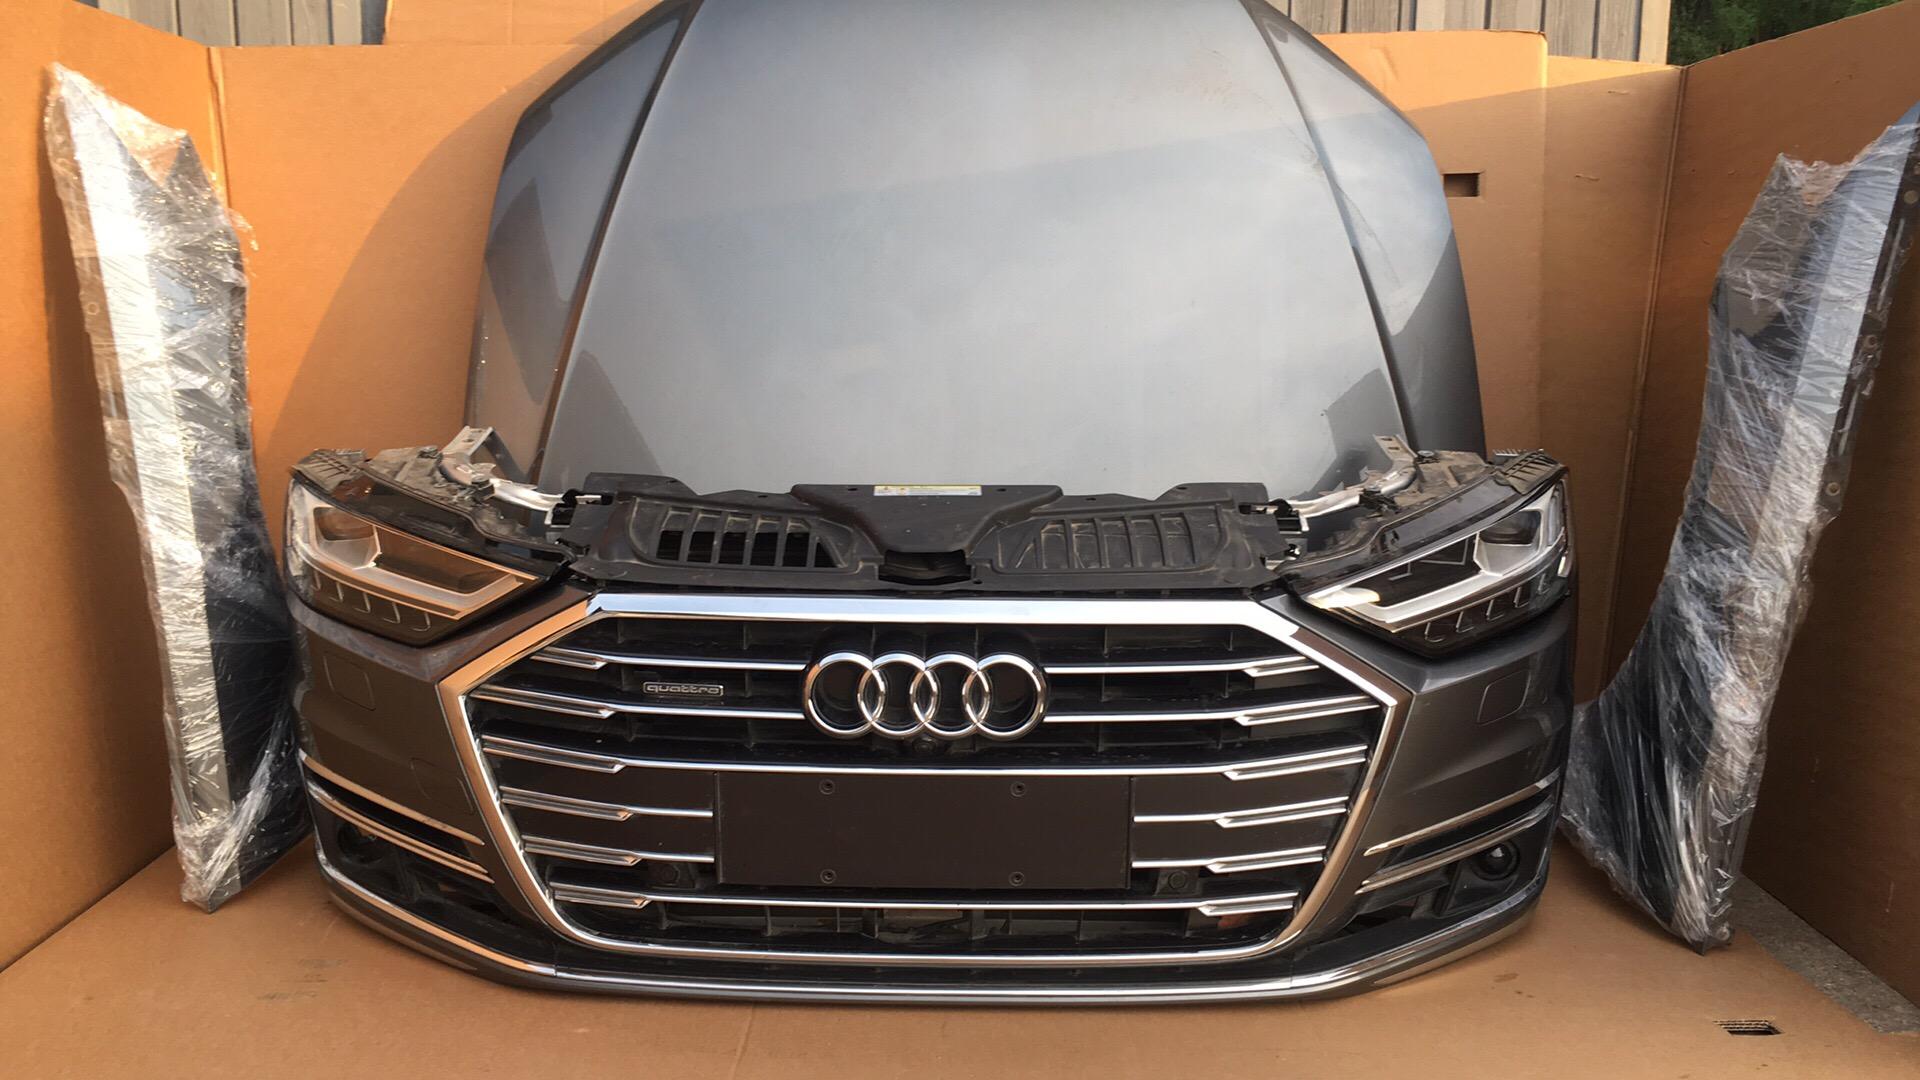 Audi A8 D5 4n Przod Kompletny 3 0 Tfsi Matrix Lx7r Gniezno Allegro Pl